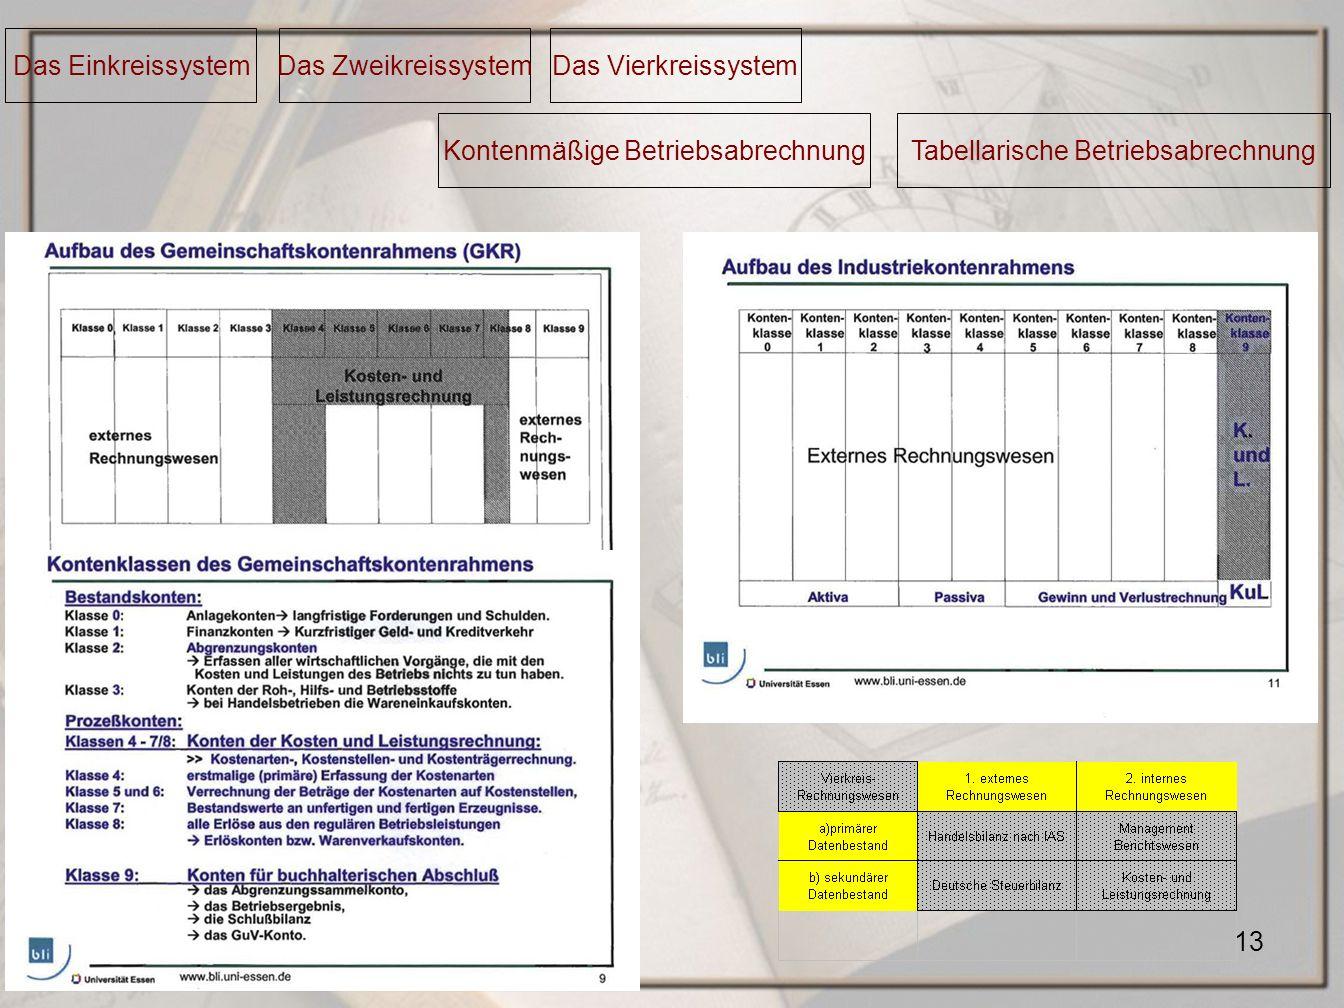 Kontenmäßige Betriebsabrechnung Tabellarische Betriebsabrechnung